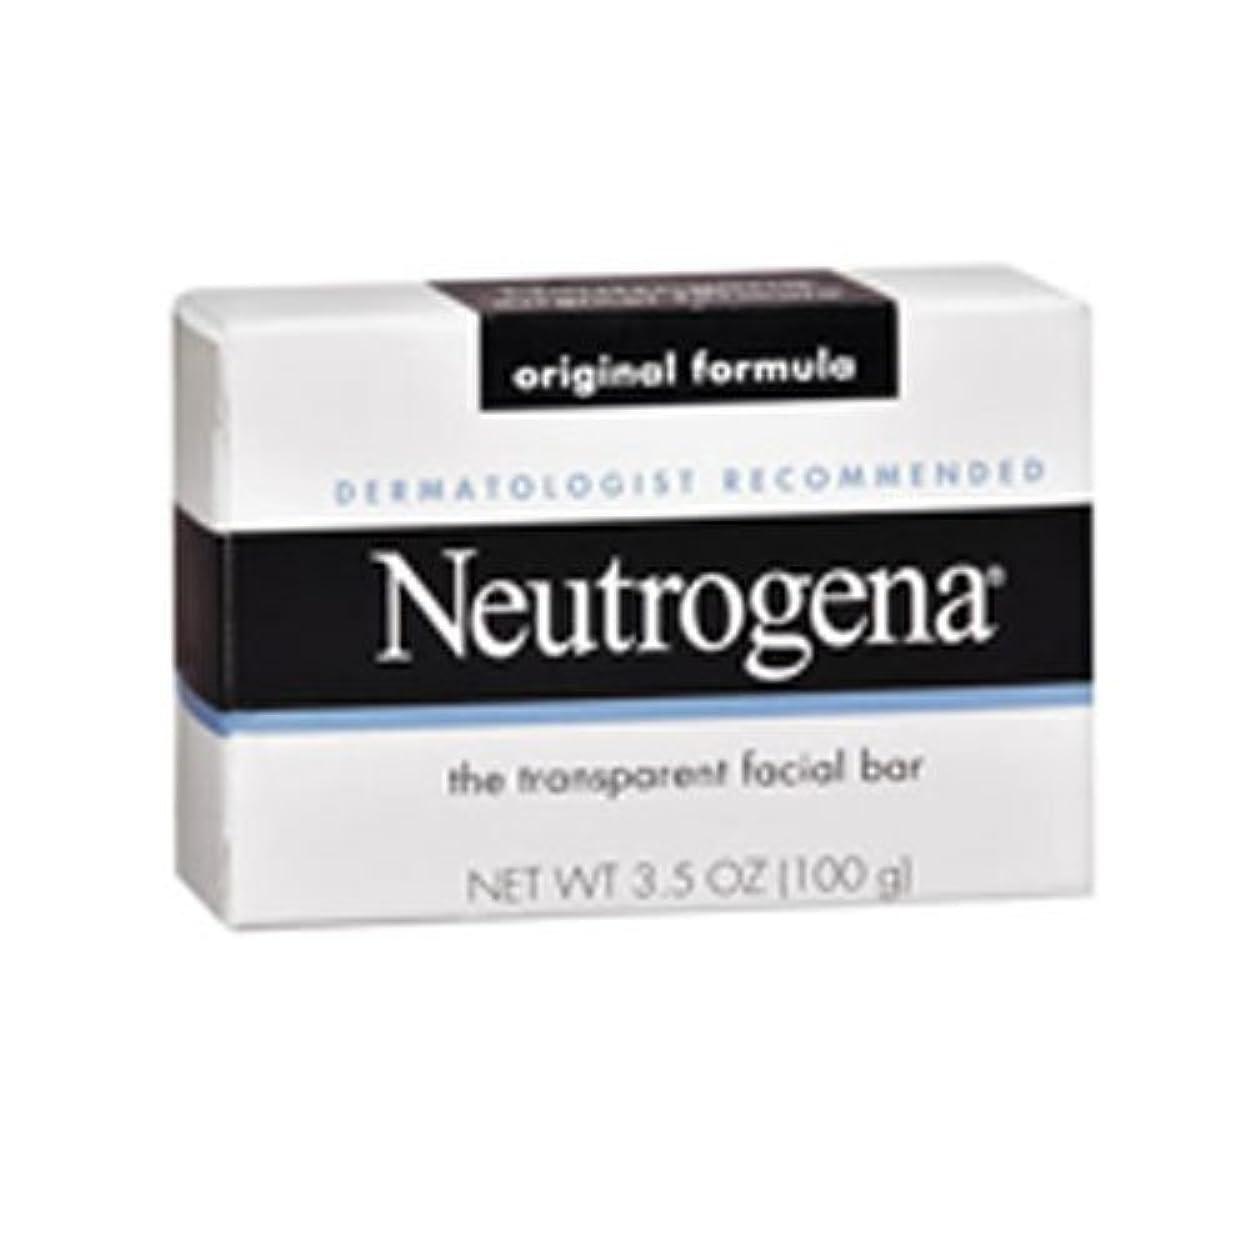 クリア弾力性のある作り上げる海外直送肘 Neutrogena Transparent Facial Soap Bar, 3.5 oz